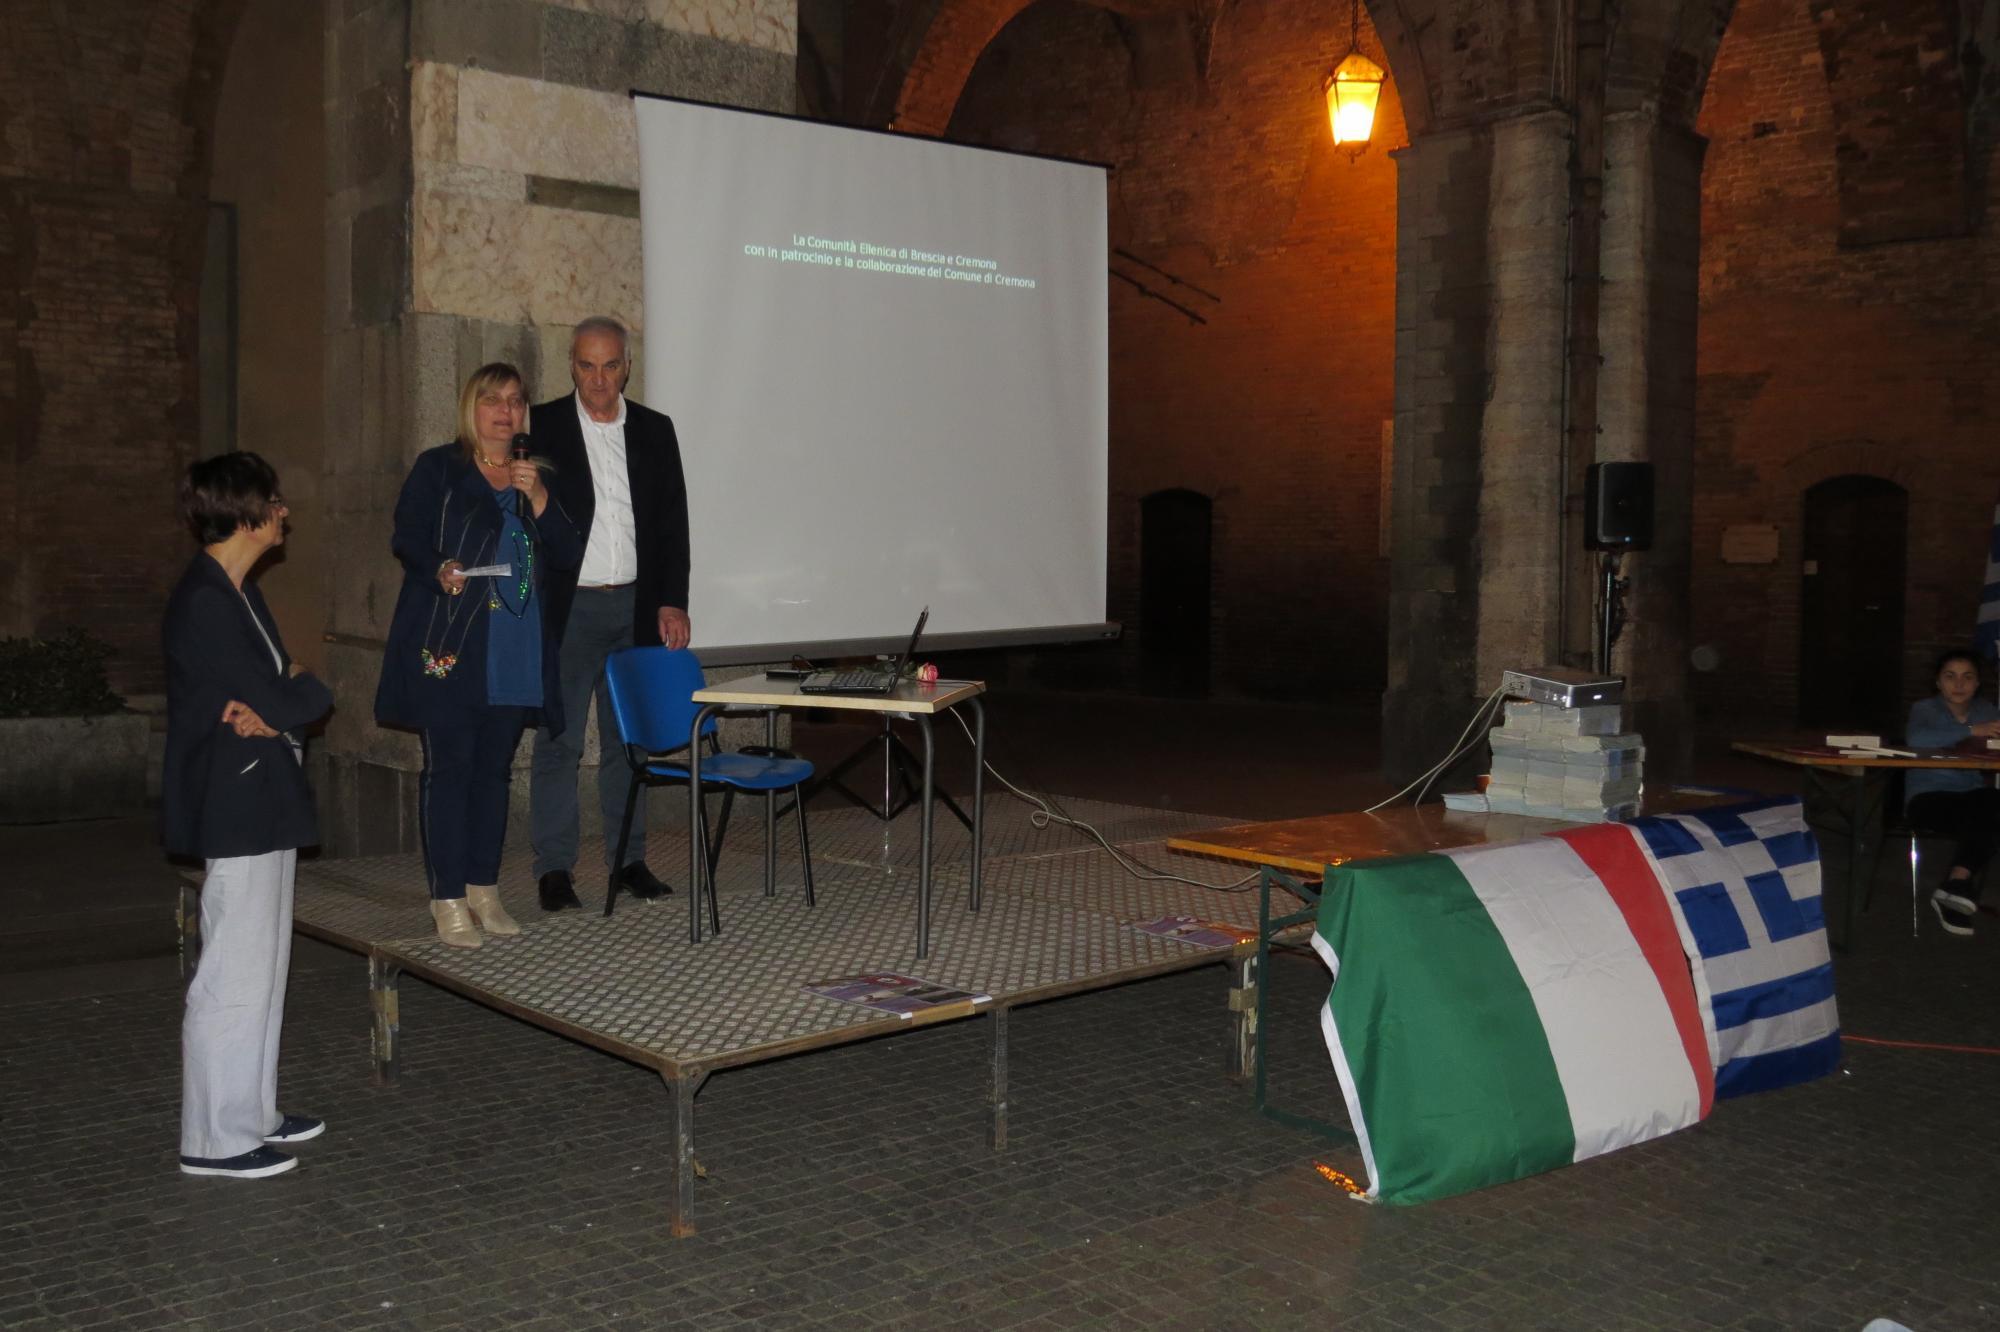 Ufficio Moderno Cremona Orari : Comunità ellenica di brescia e cremona pagina 2 di 12 comunità